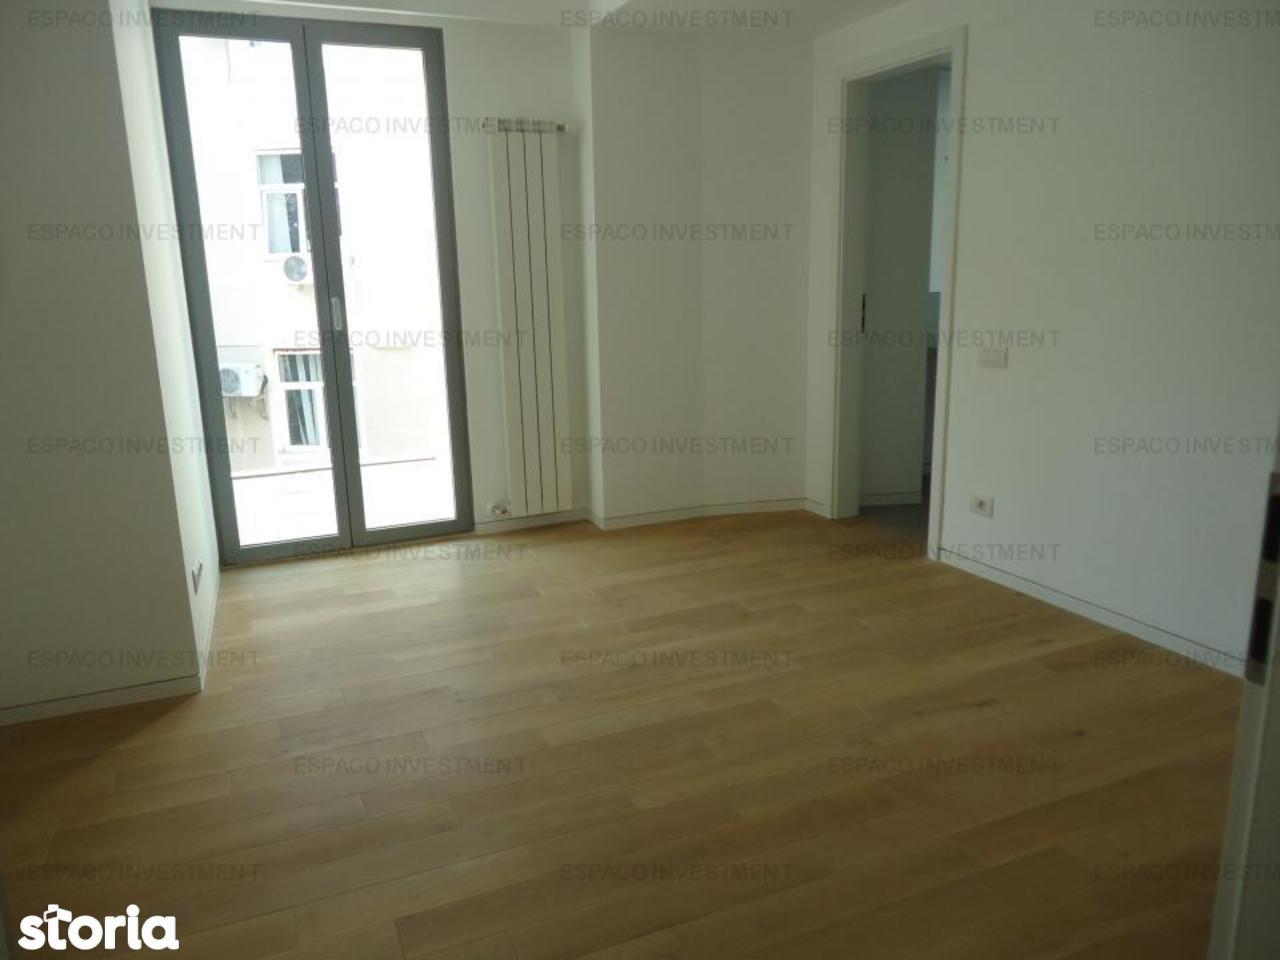 Apartament de vanzare, București (judet), Strada Speranței - Foto 4